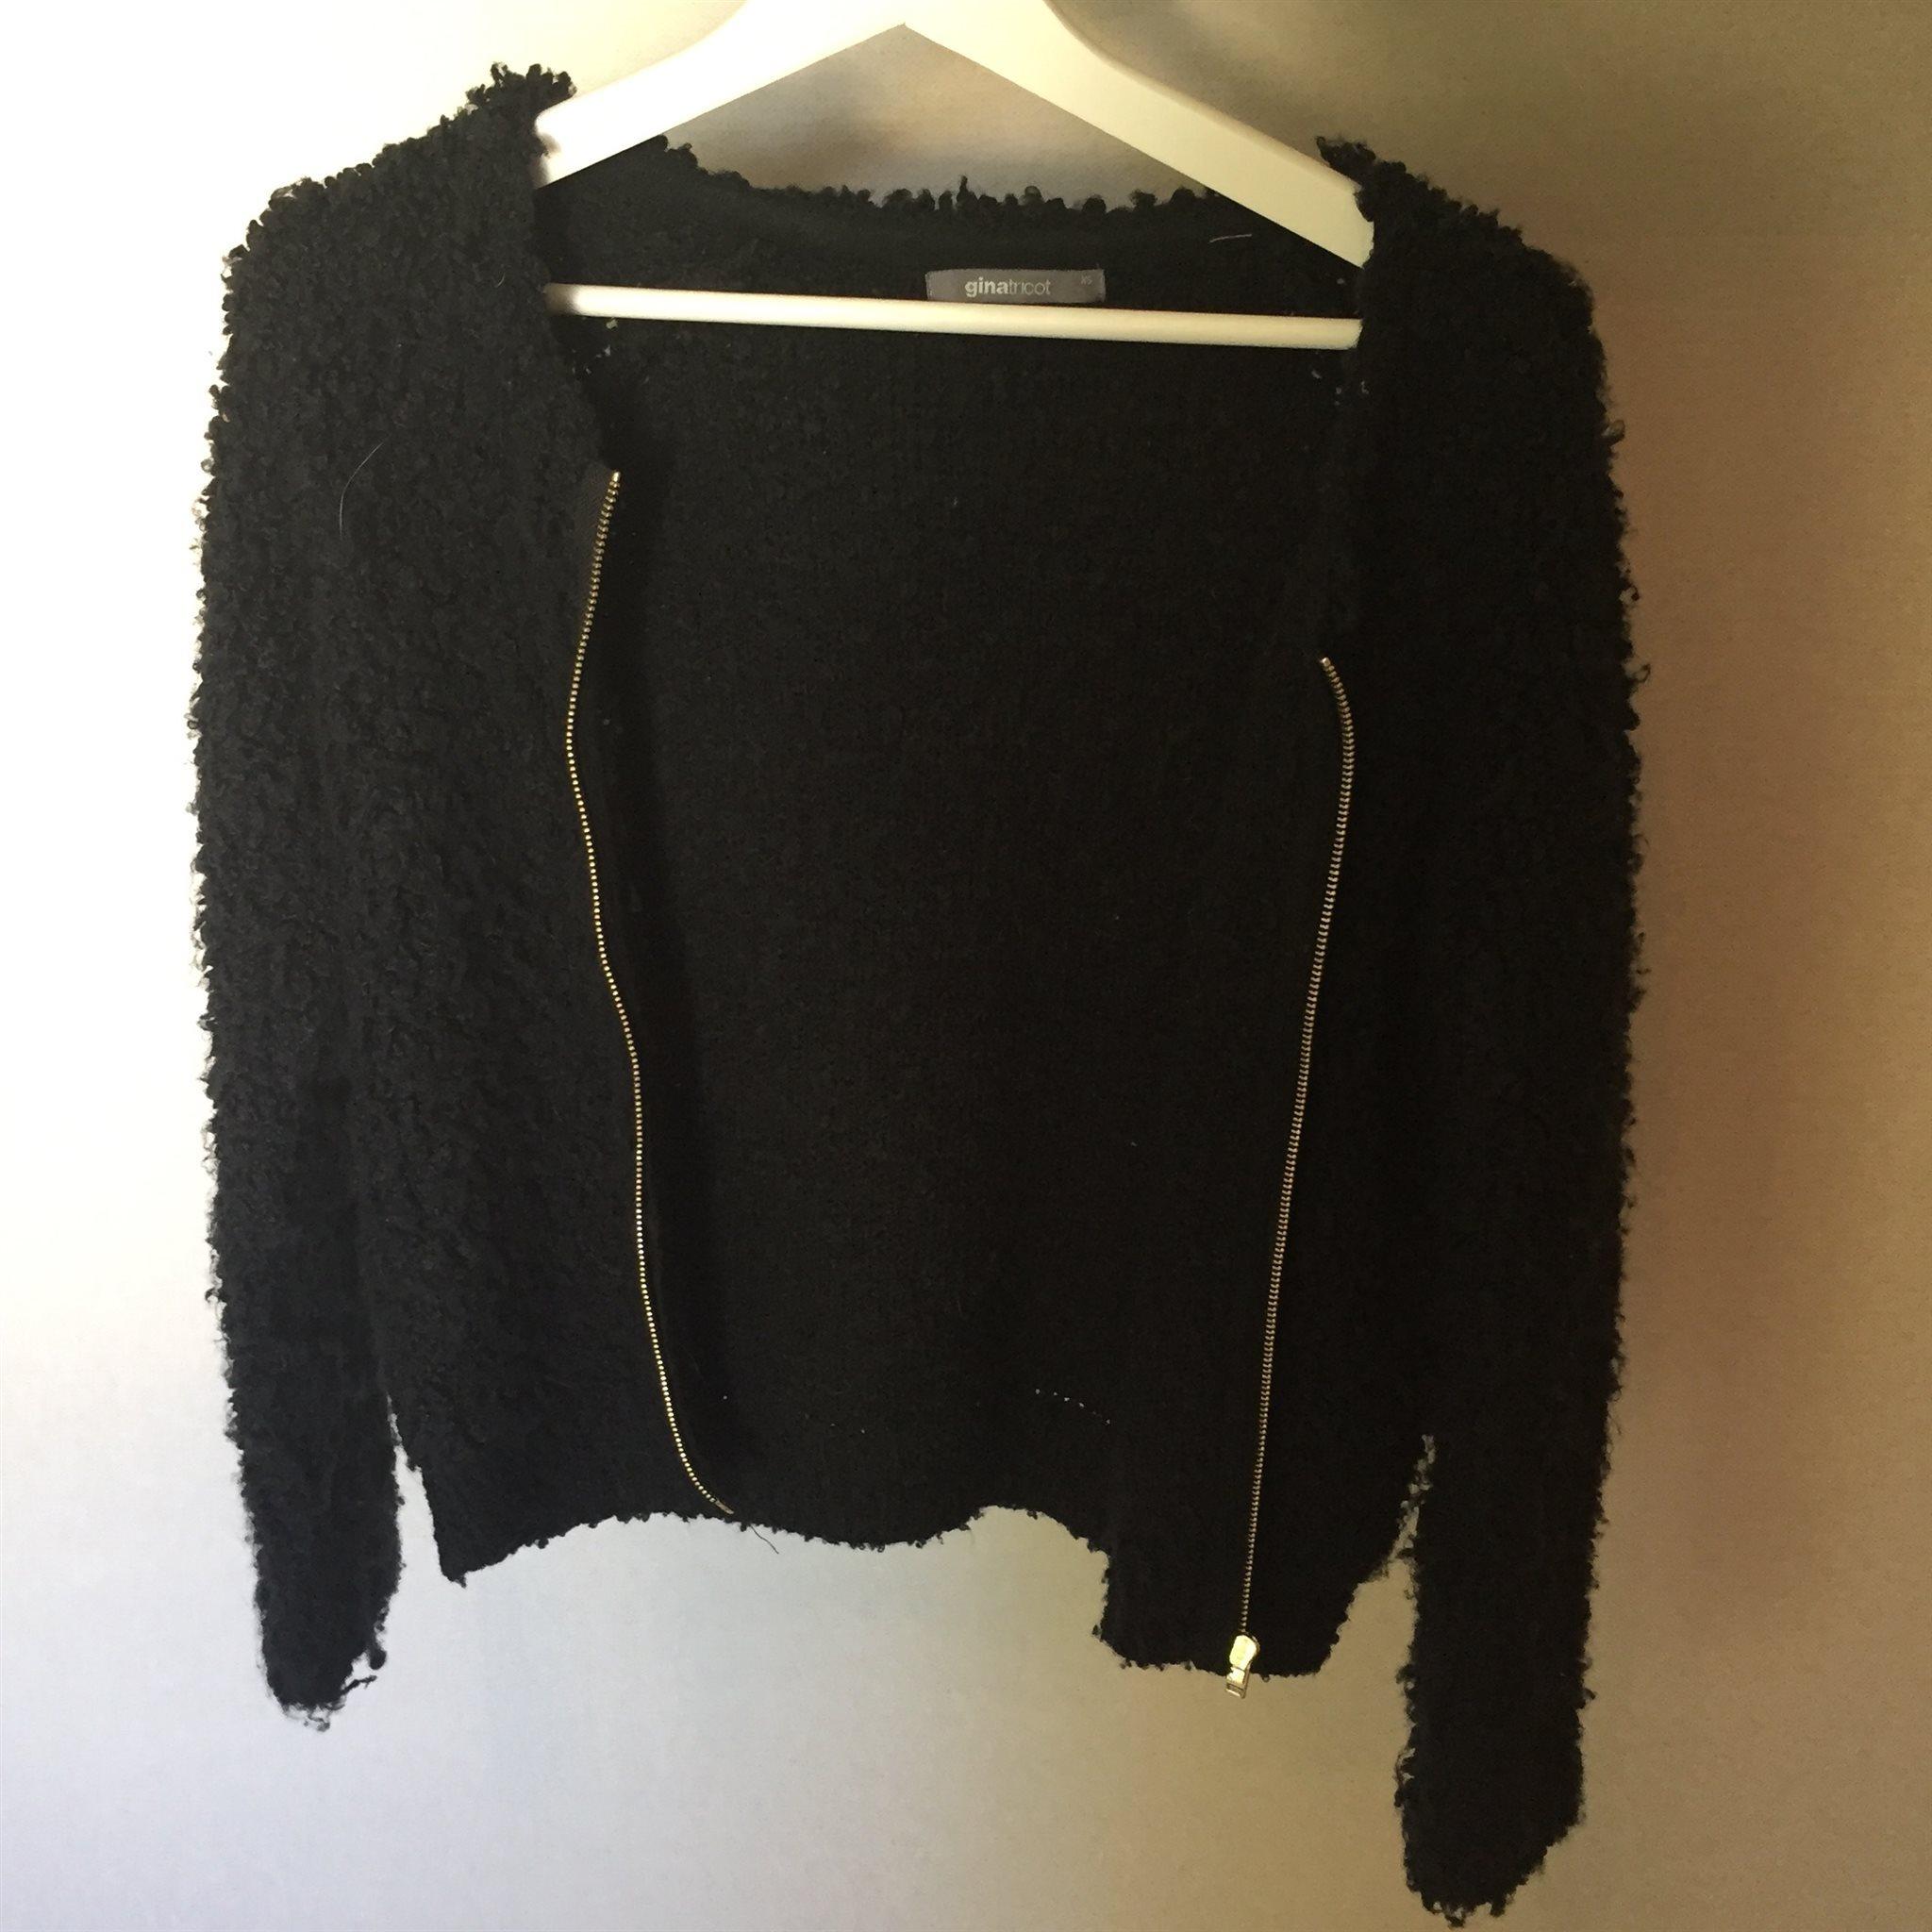 Gina tricot skinnjacka